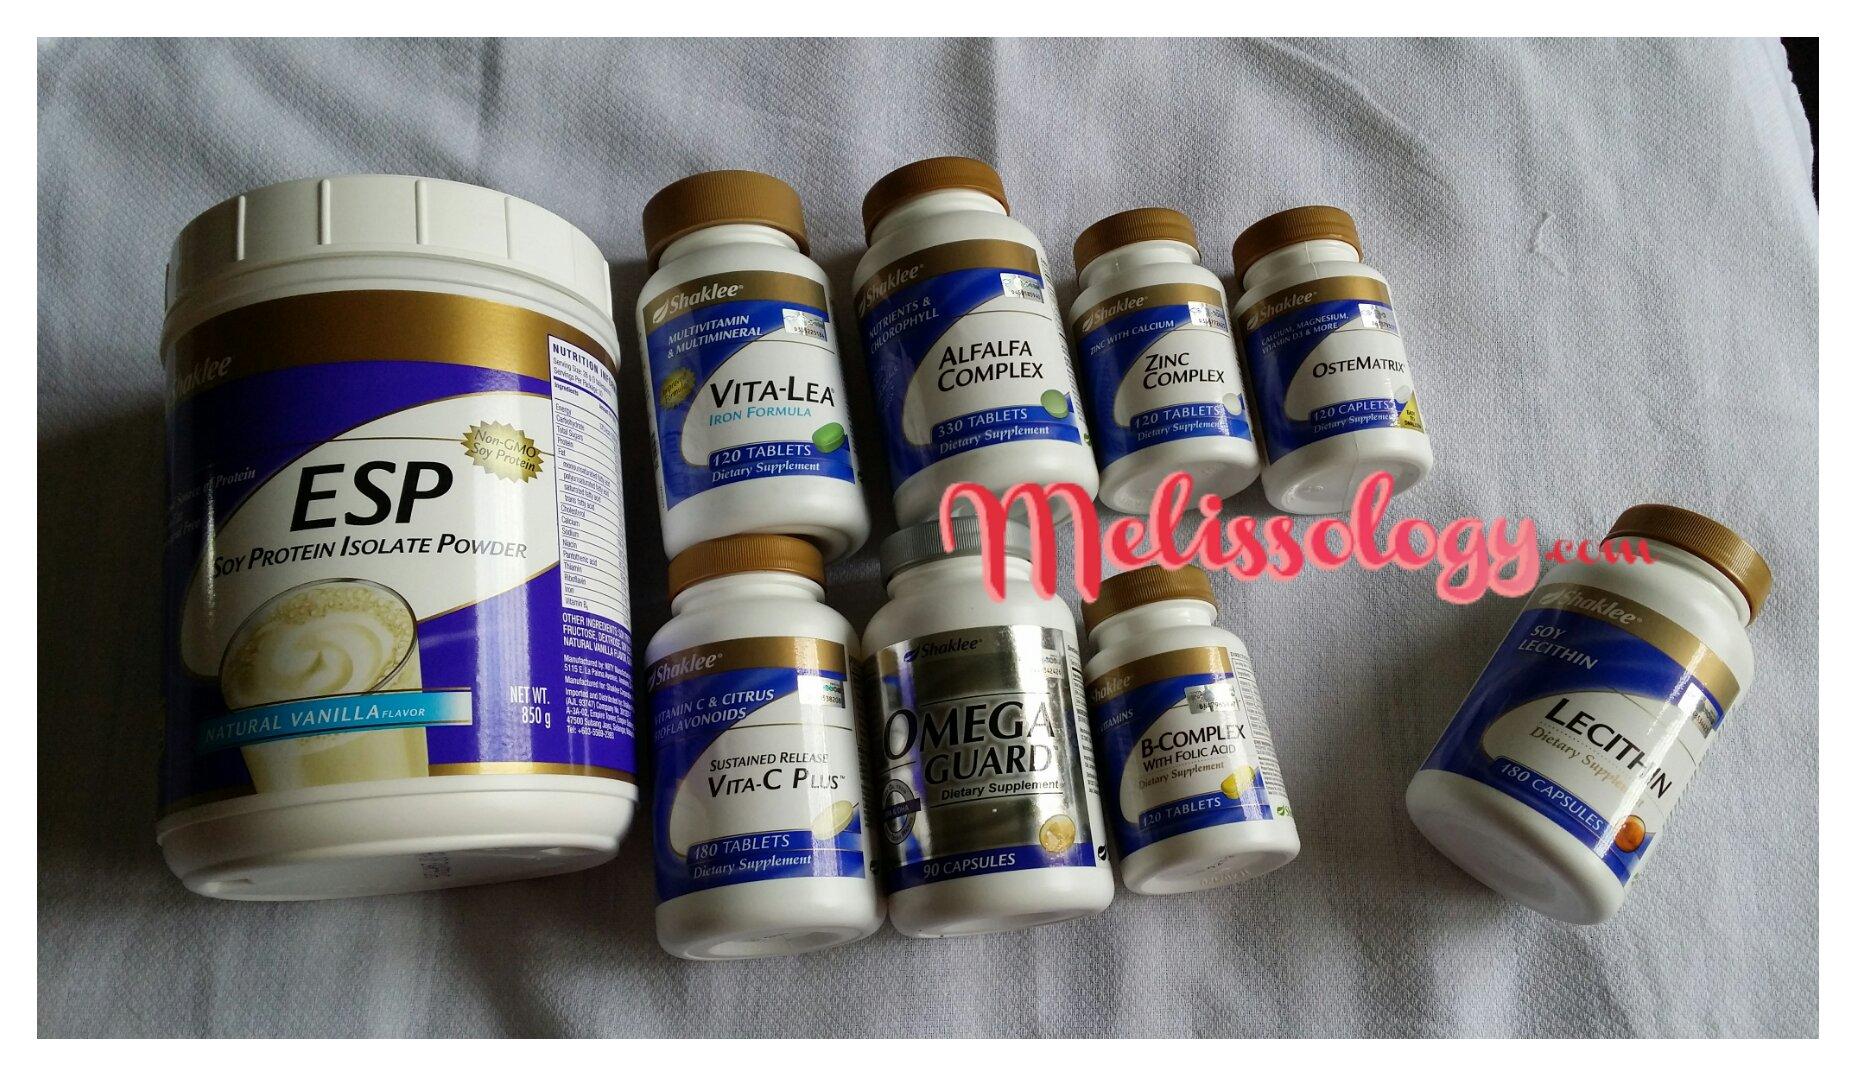 ESP, VitaLea, Vita C, B Complex, Zinc Complex, Alfalfa Complex, Ostematrix, Omega Guard & Lecithin